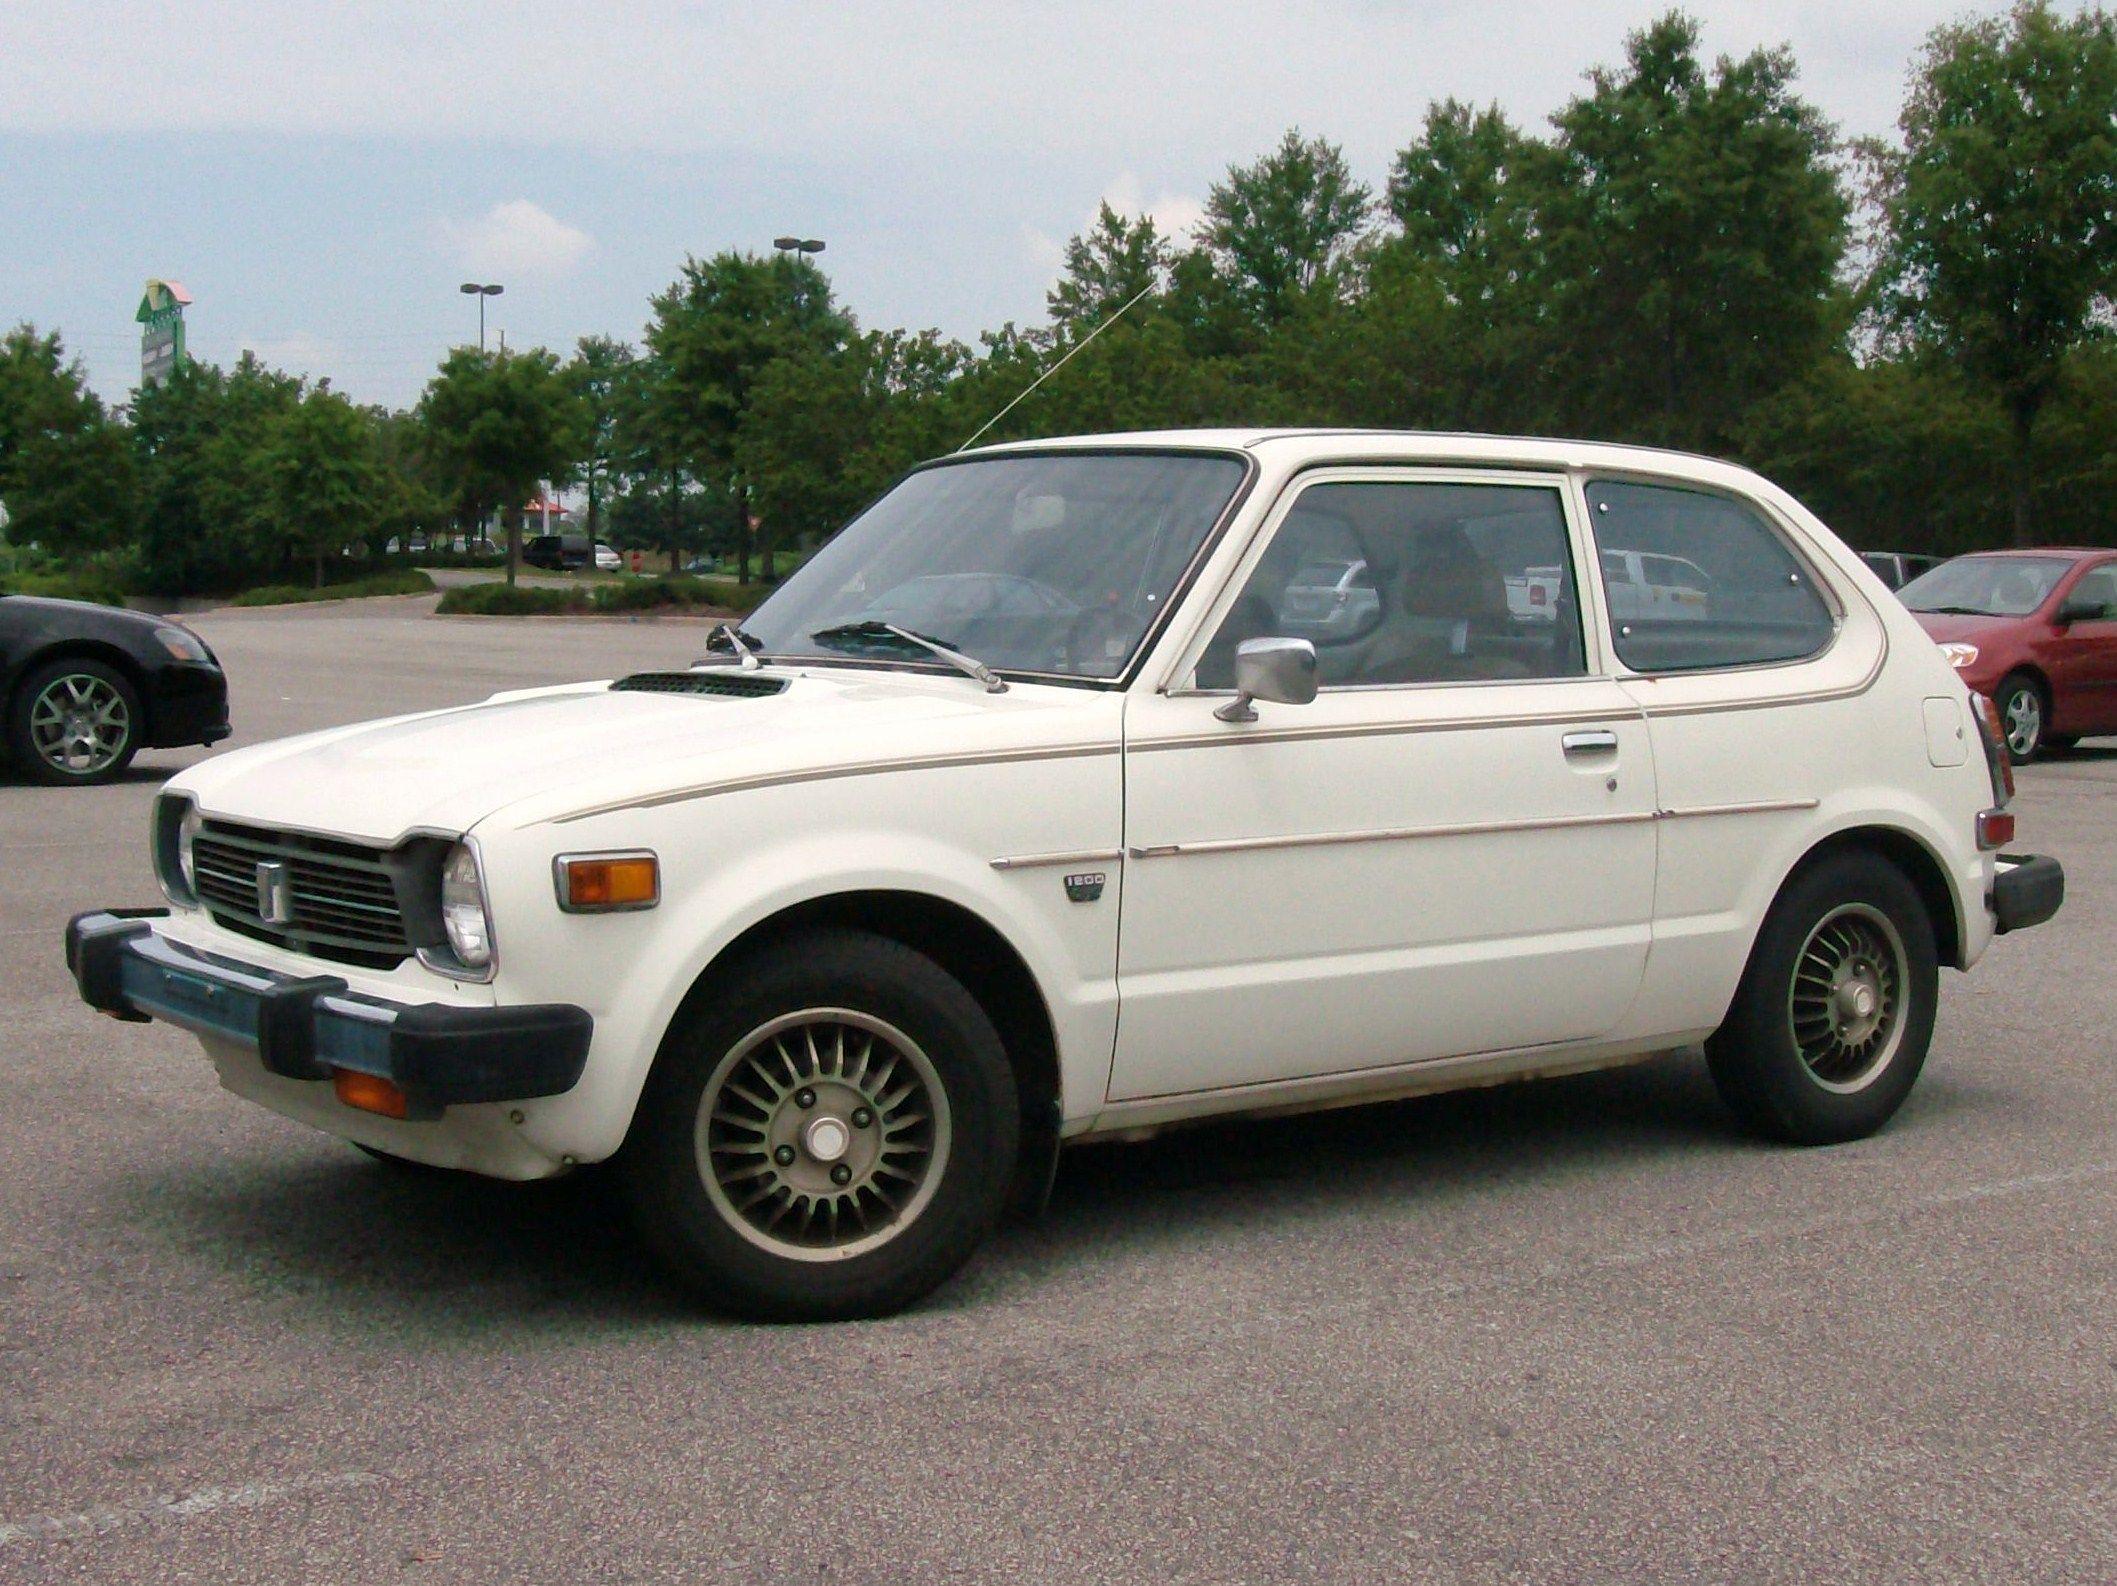 Gas Classic 1978 79 Honda Civic Honda Civic Civic Car Honda Civic Car